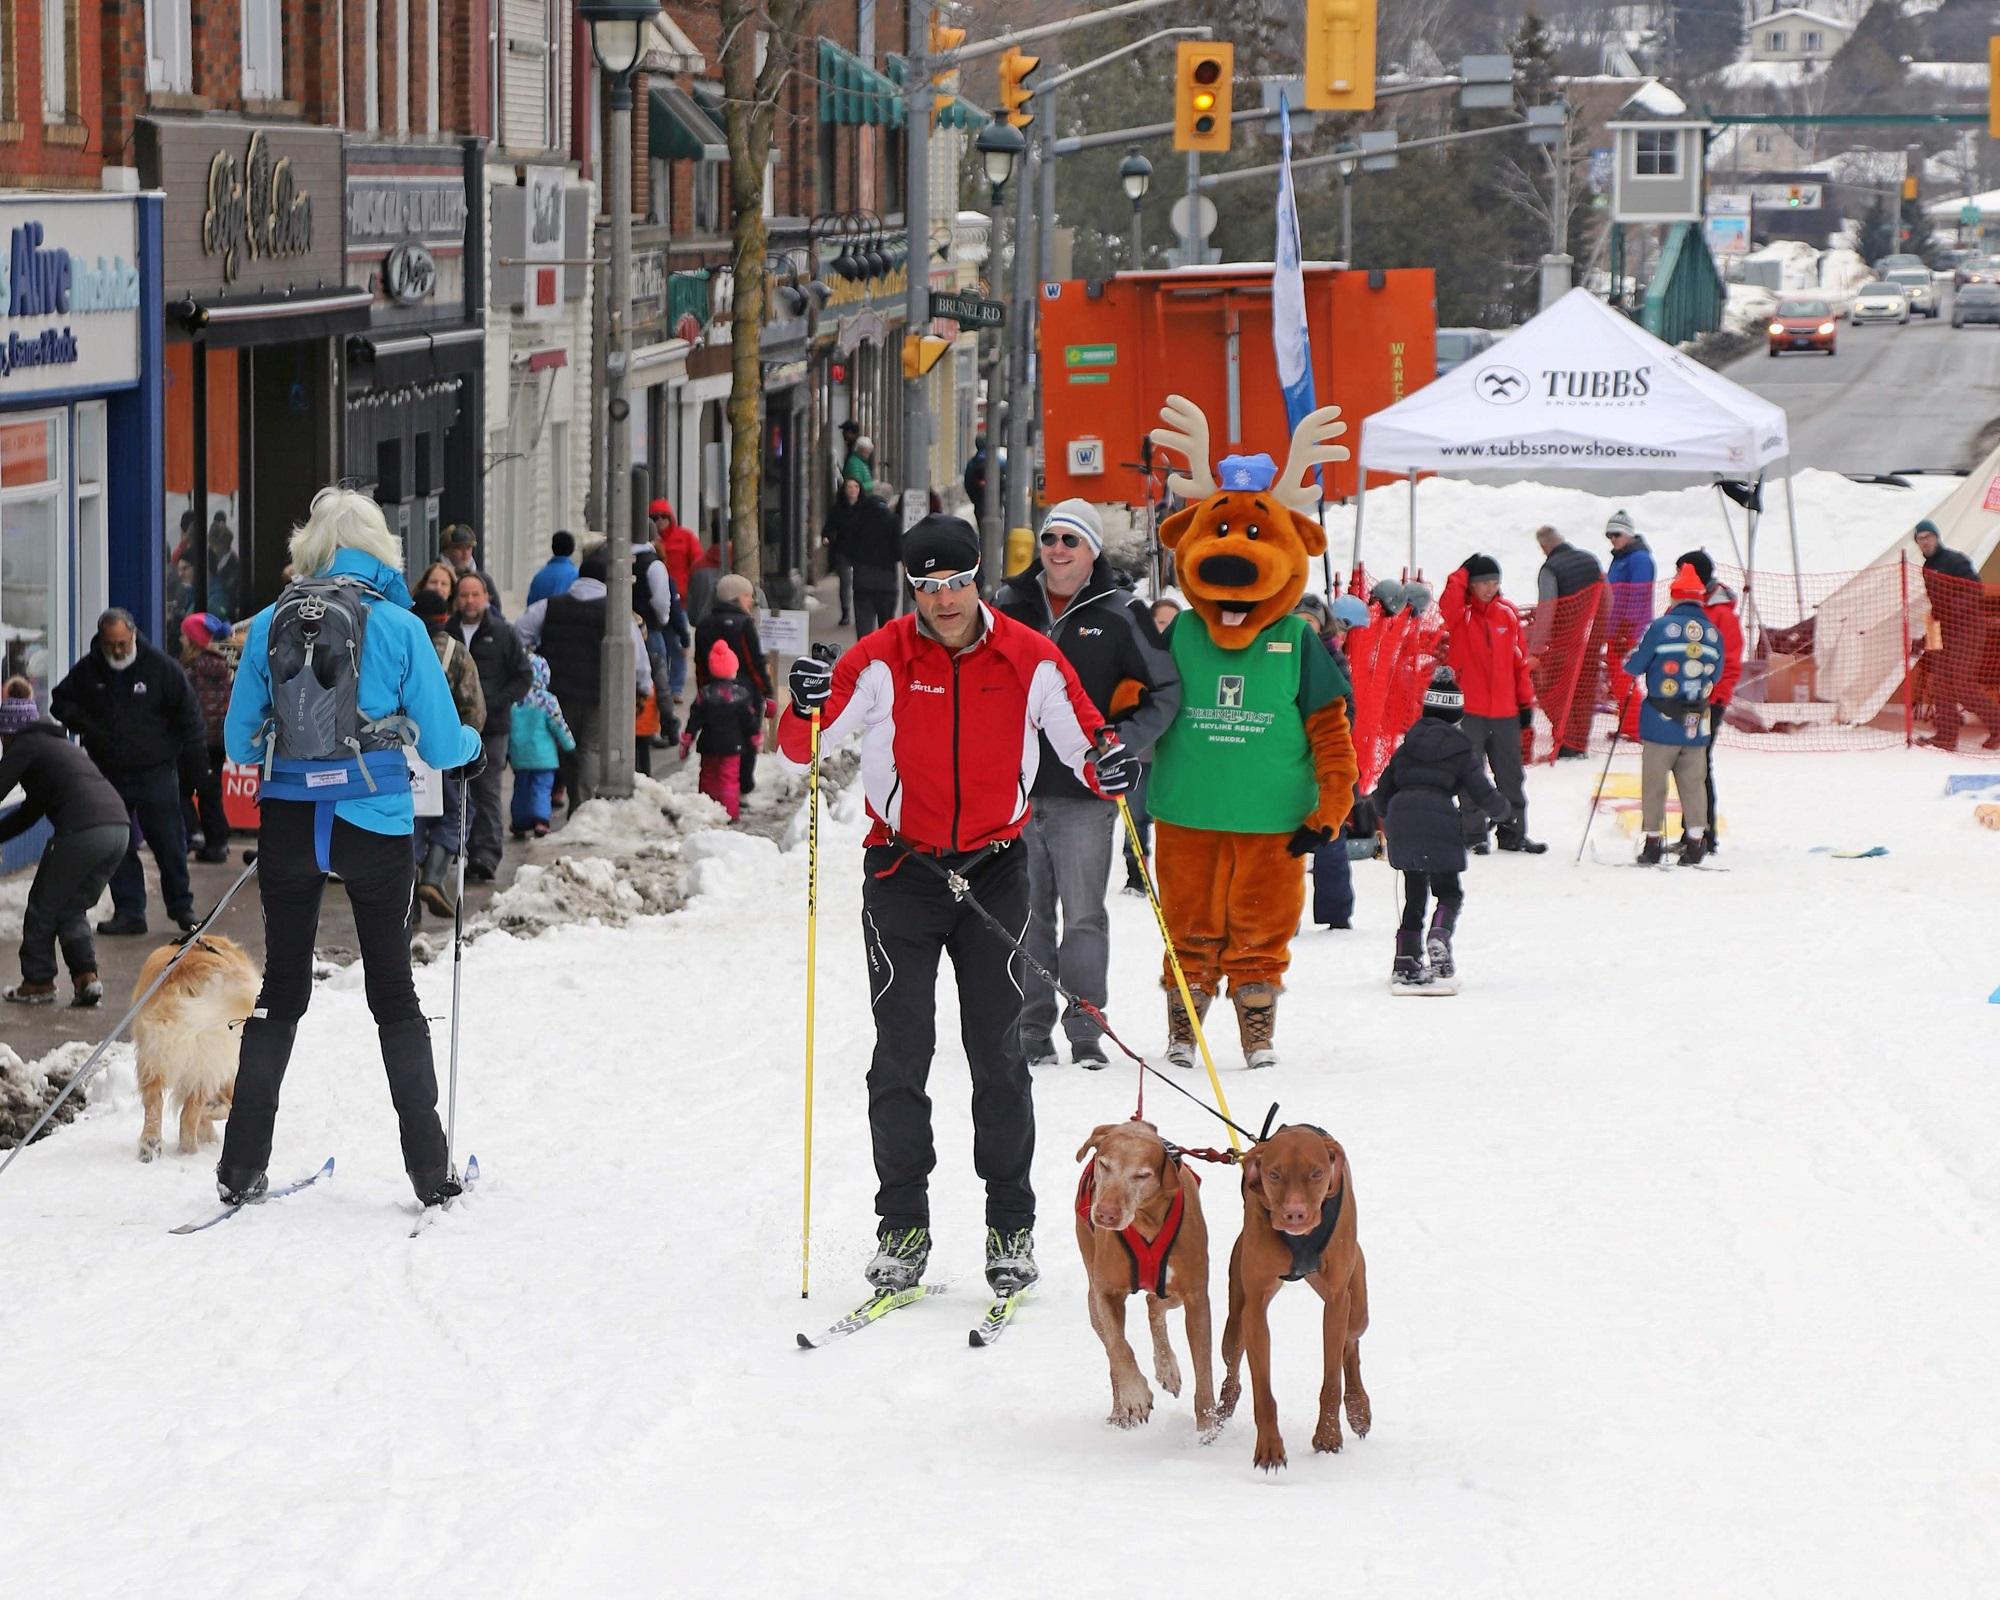 Skiijoring on Main Street